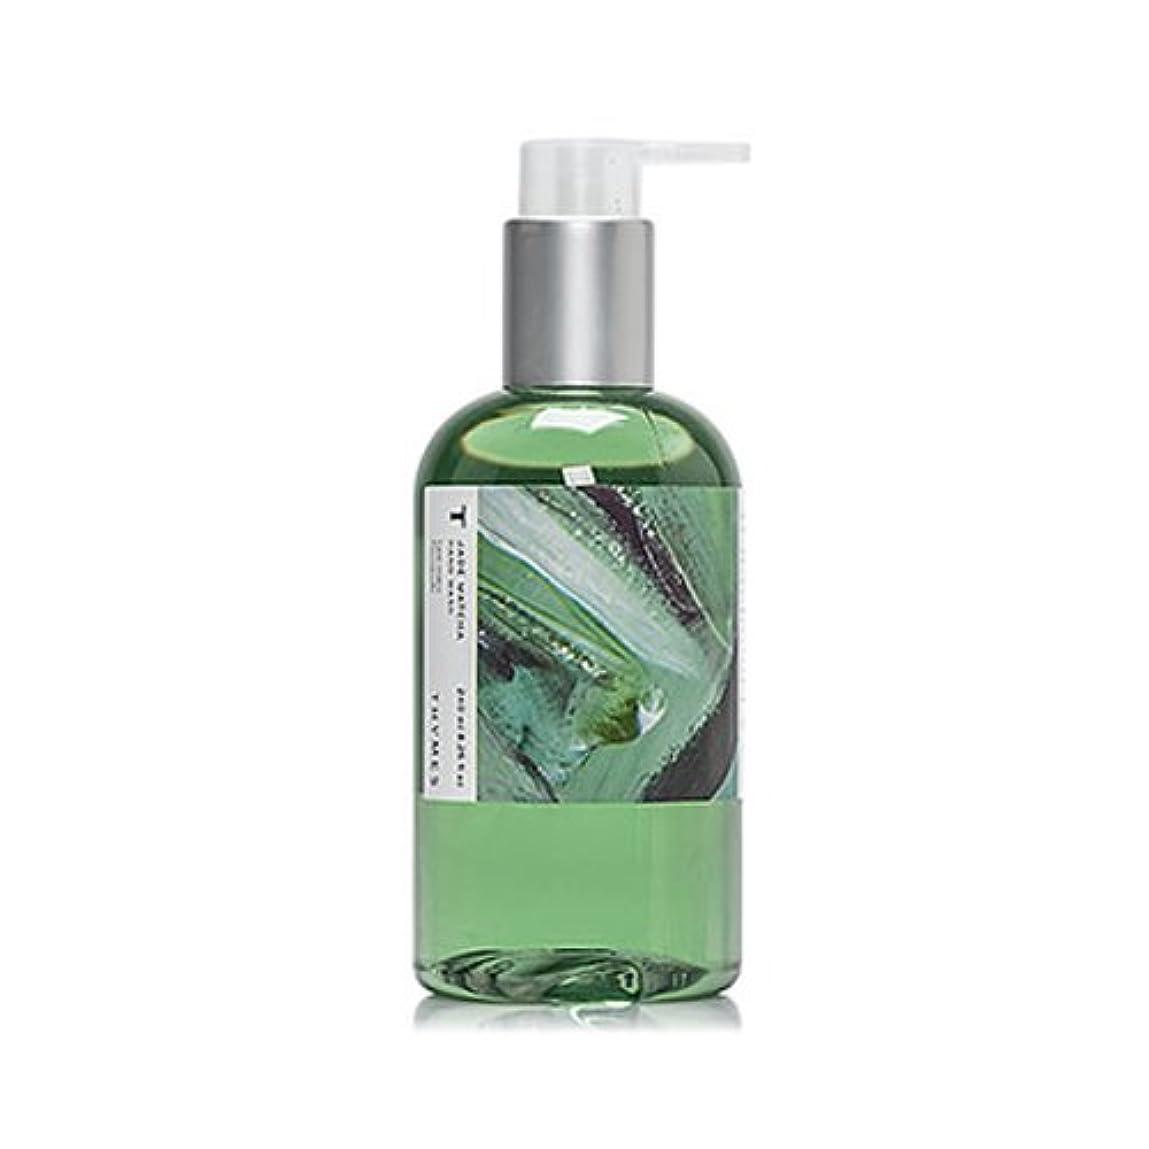 航空便着服乳製品THYMES タイムズ ハンドウォッシュ 240ml ジェイド抹茶 Hand Wash 8.25 fl oz Jade Matcha [並行輸入品]